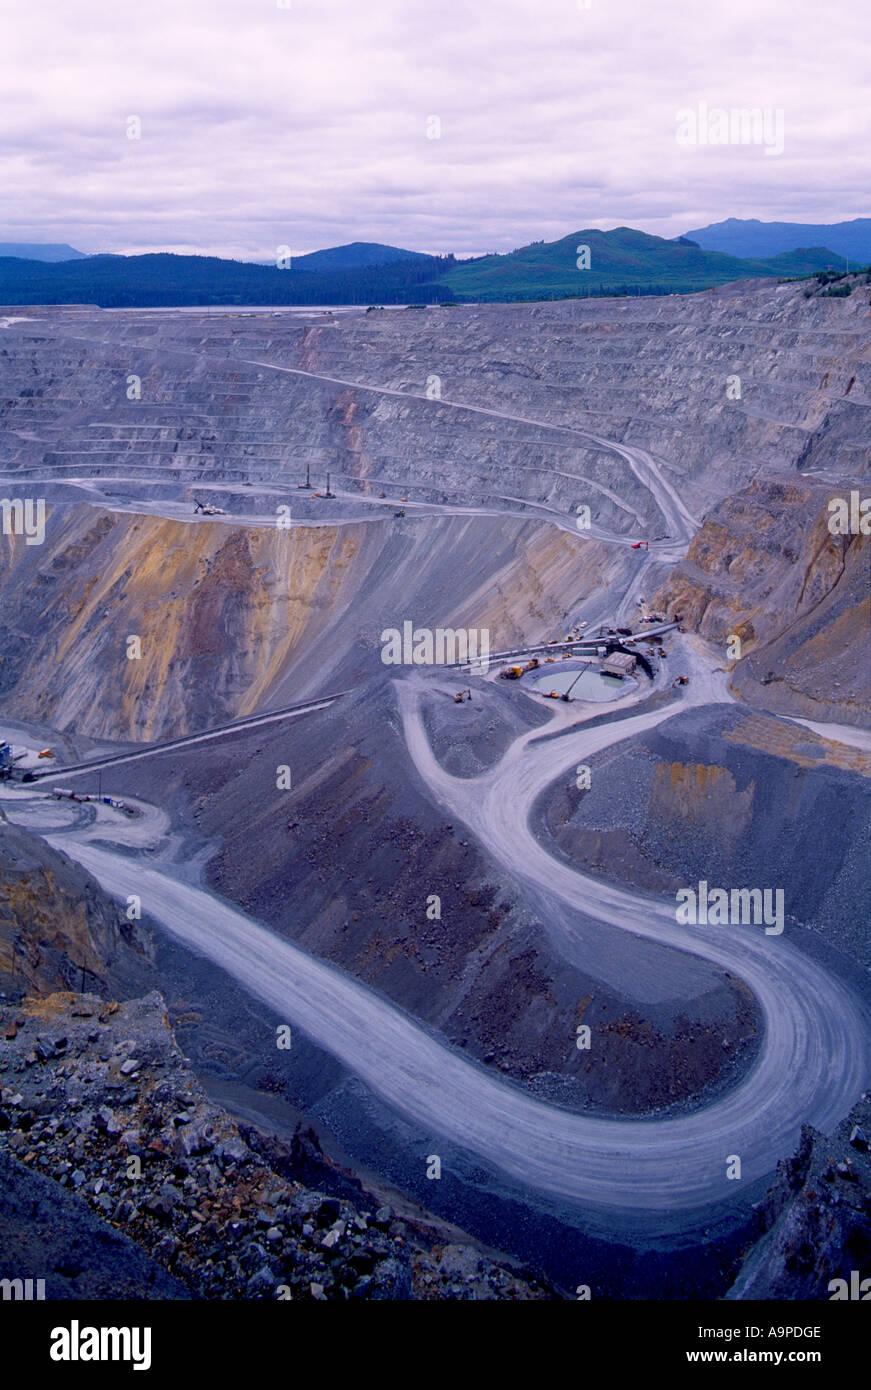 Open Pit Copper Mine, Vancouver Island, BC, British Columbia, Canada